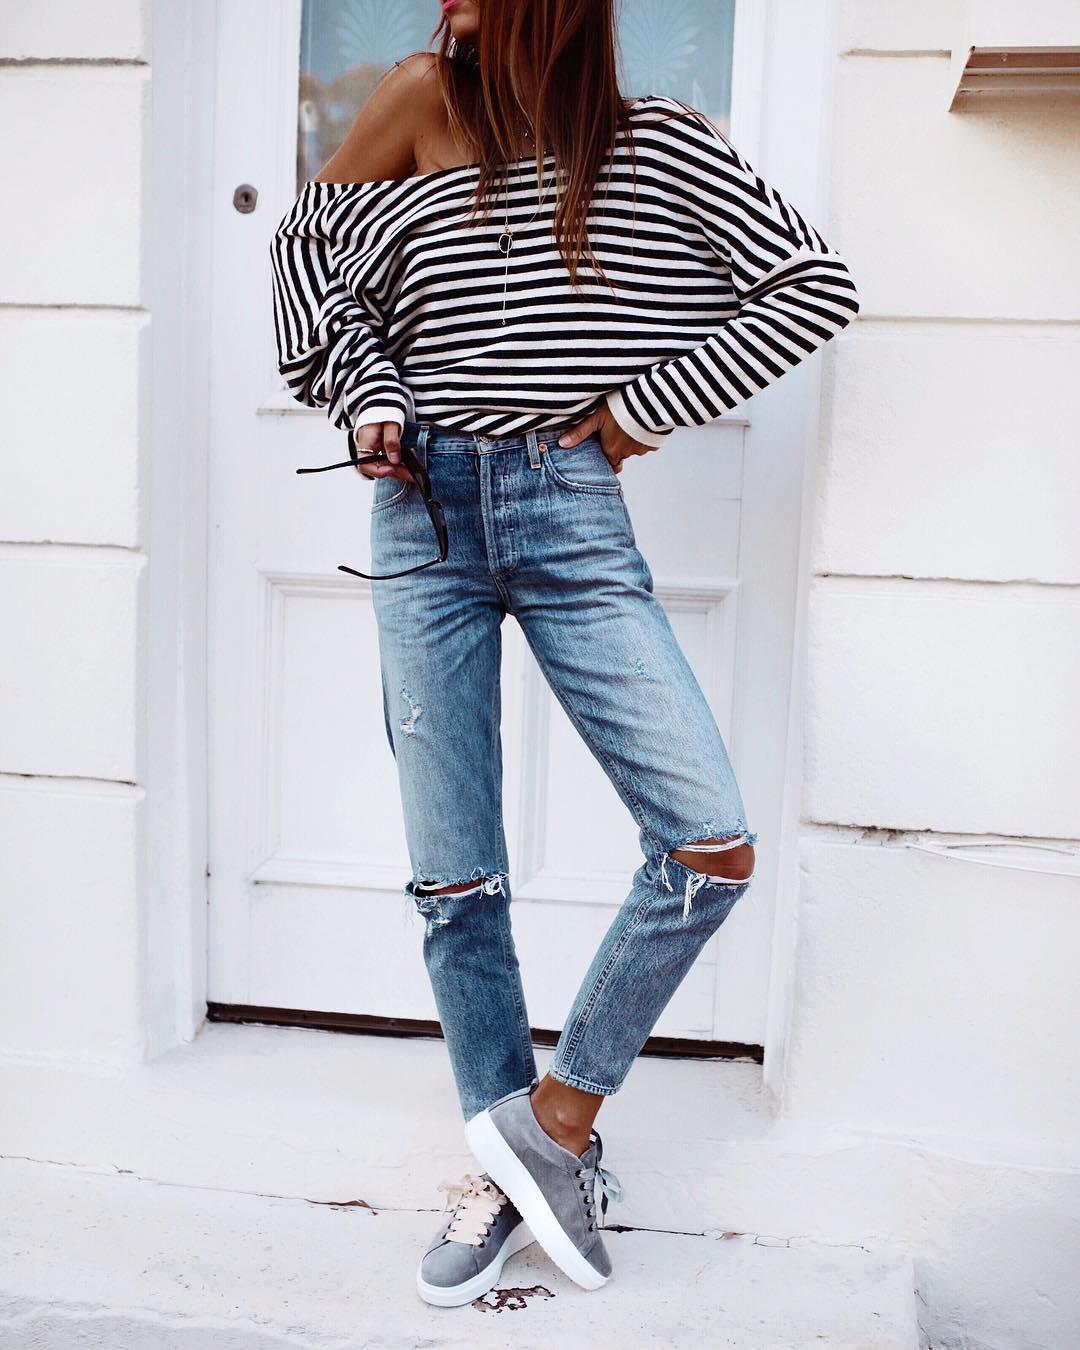 джинсы с кроссовками и кедами фото 8